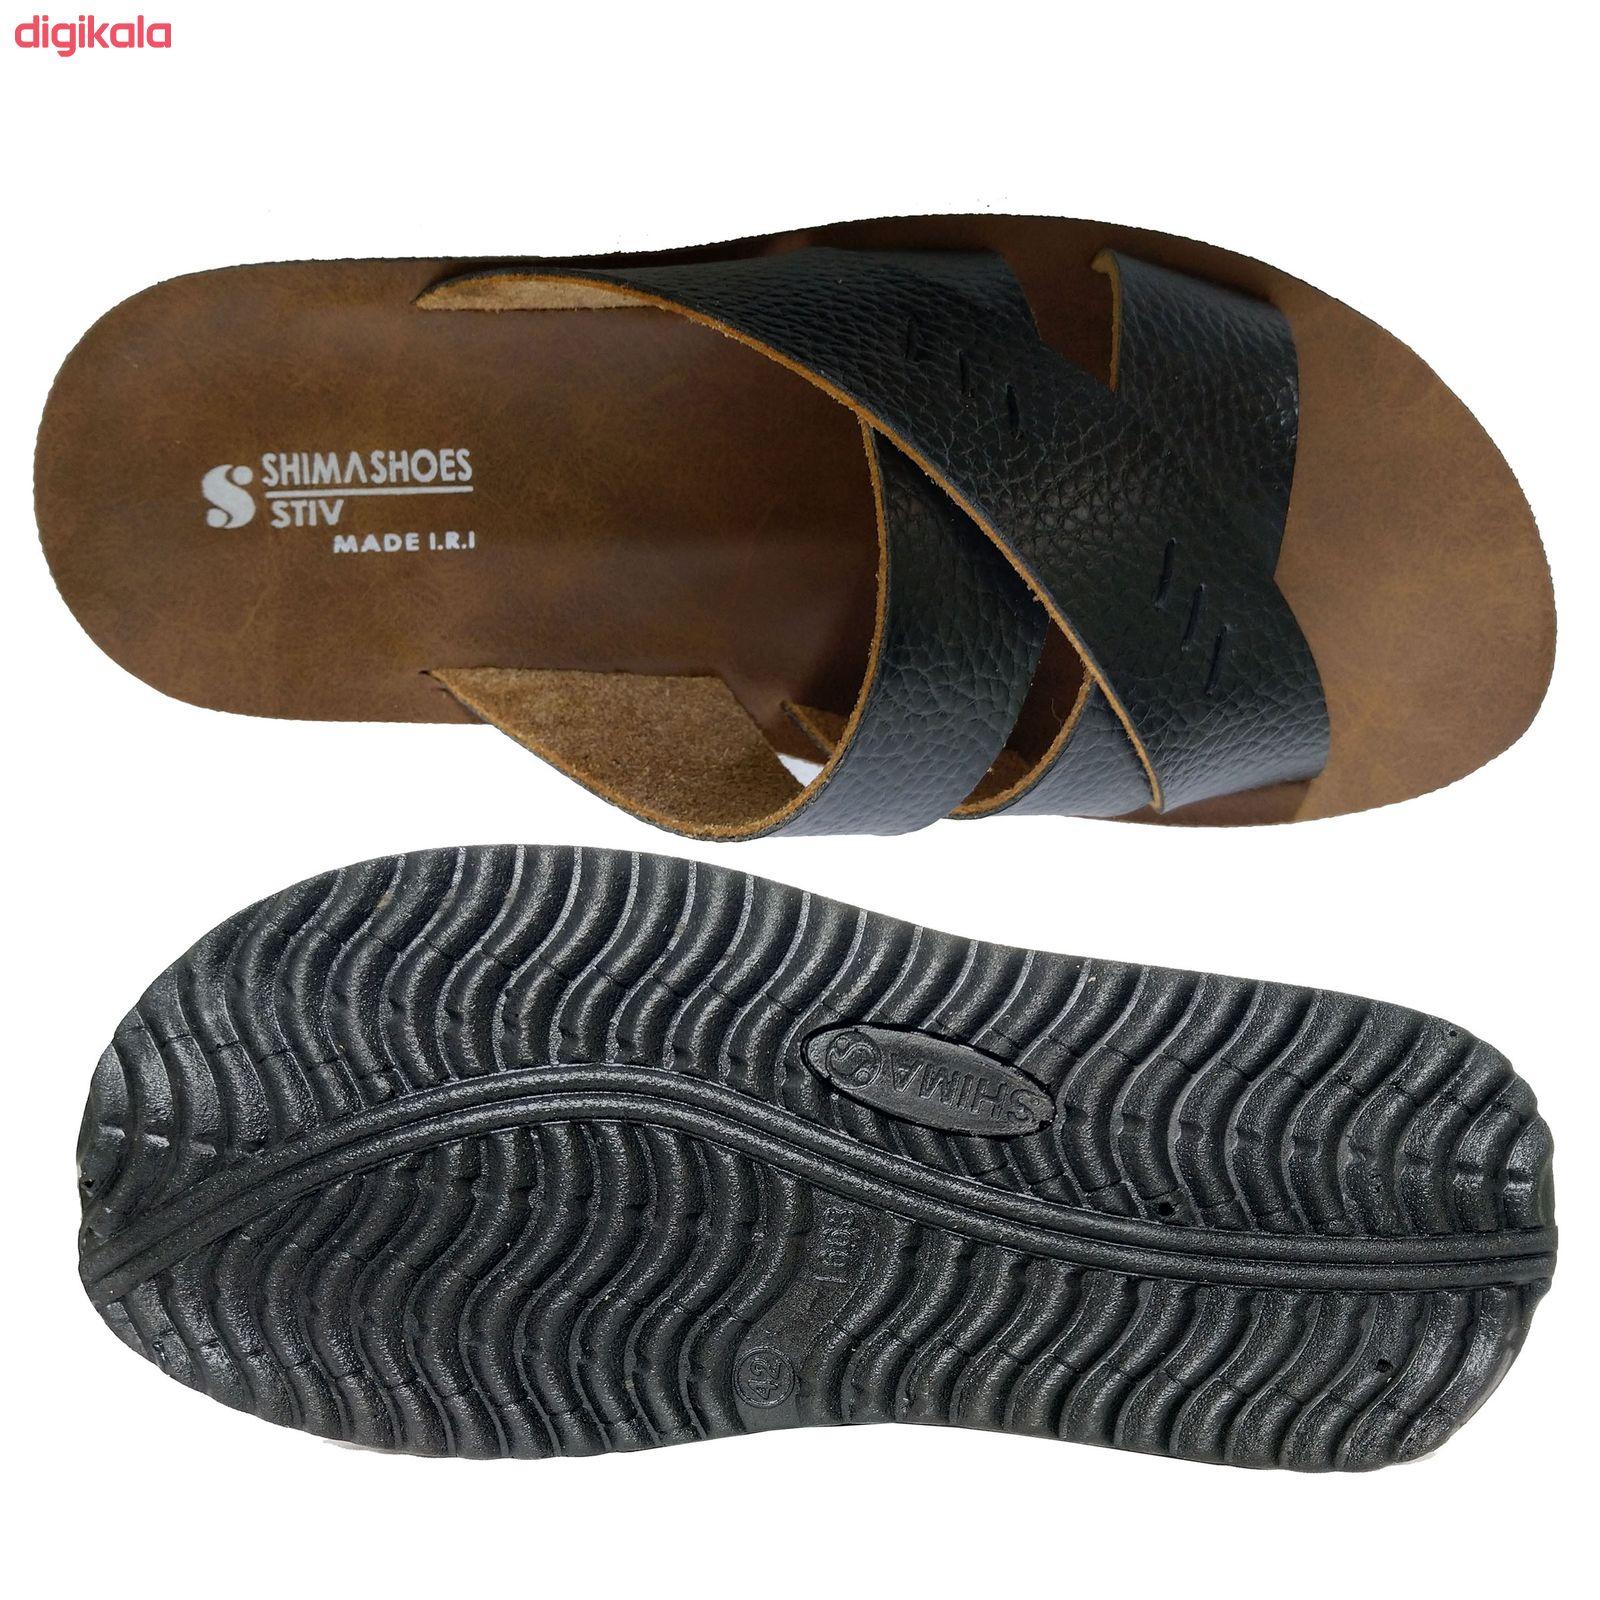 صندل مردانه کفش شیما مدل استیو کد sh-12esme main 1 3